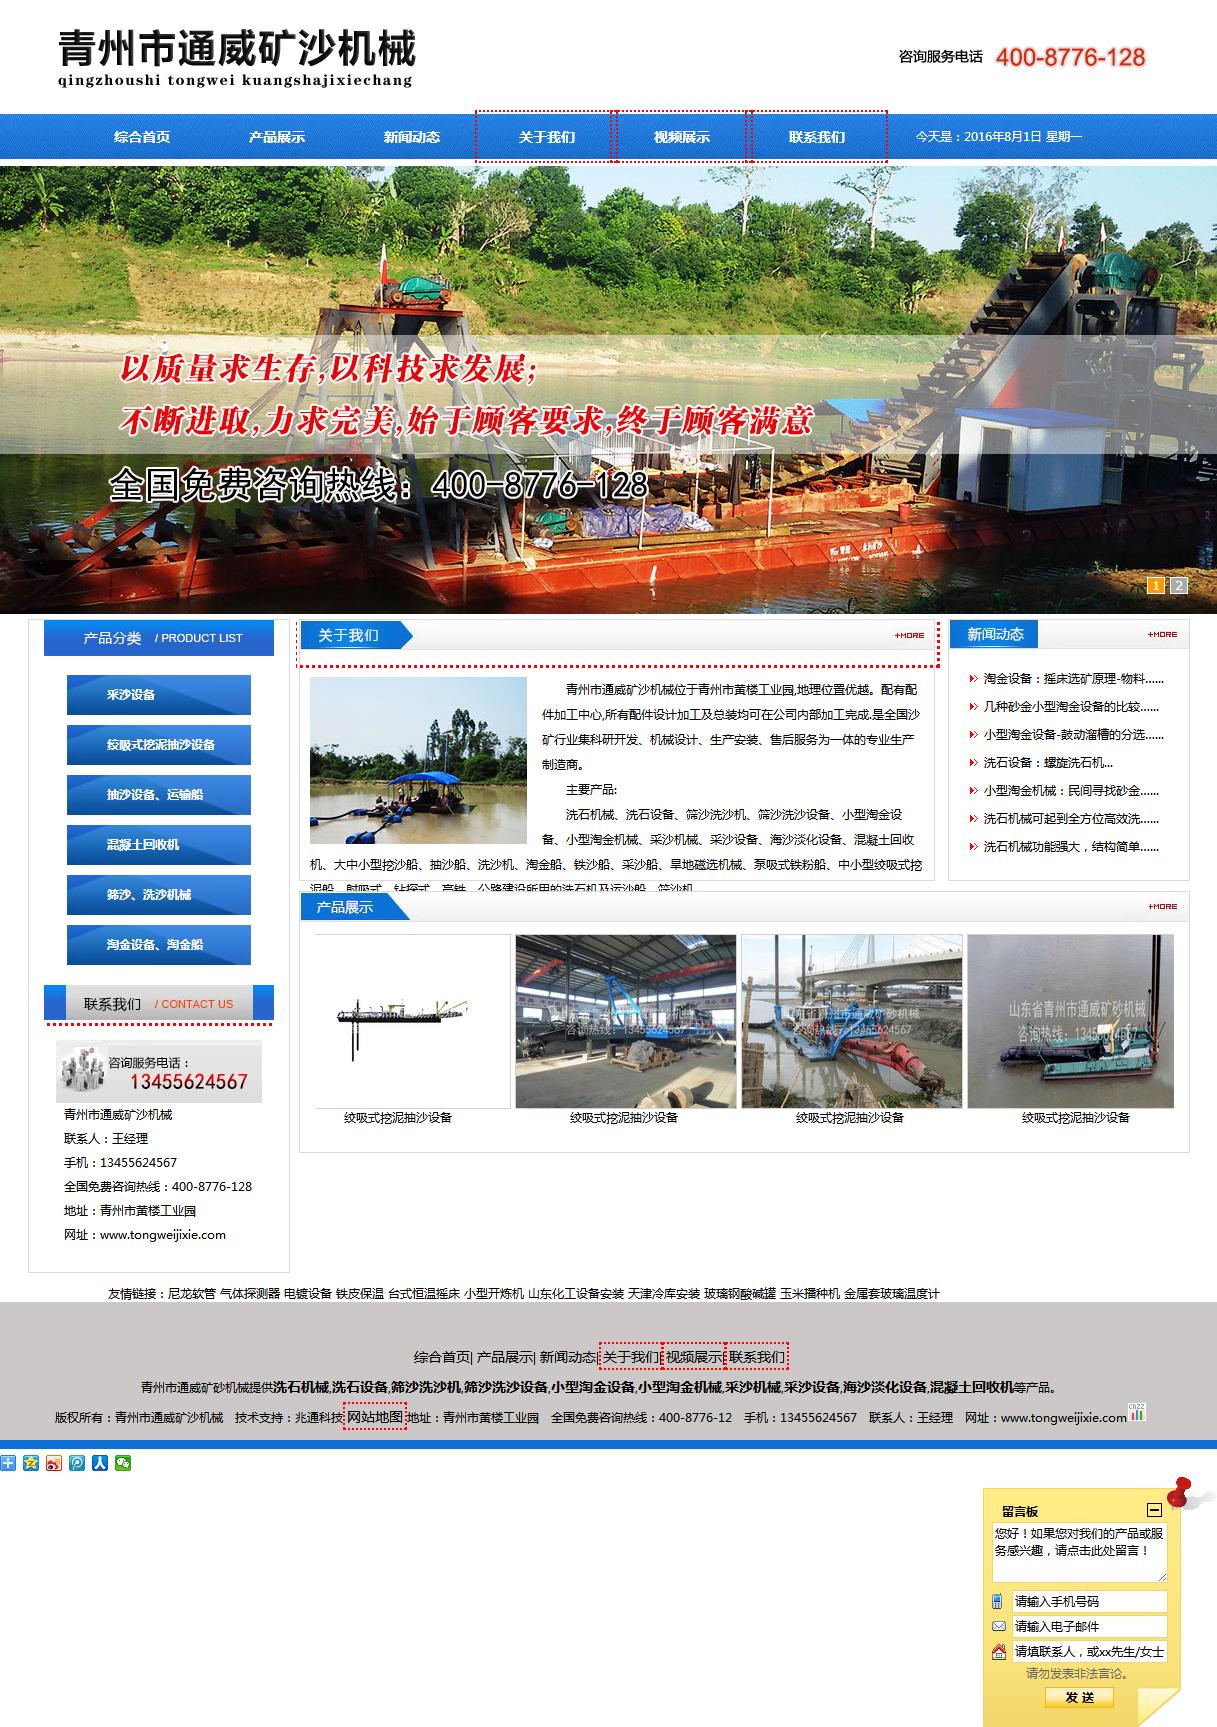 矿沙机械企业推广实例